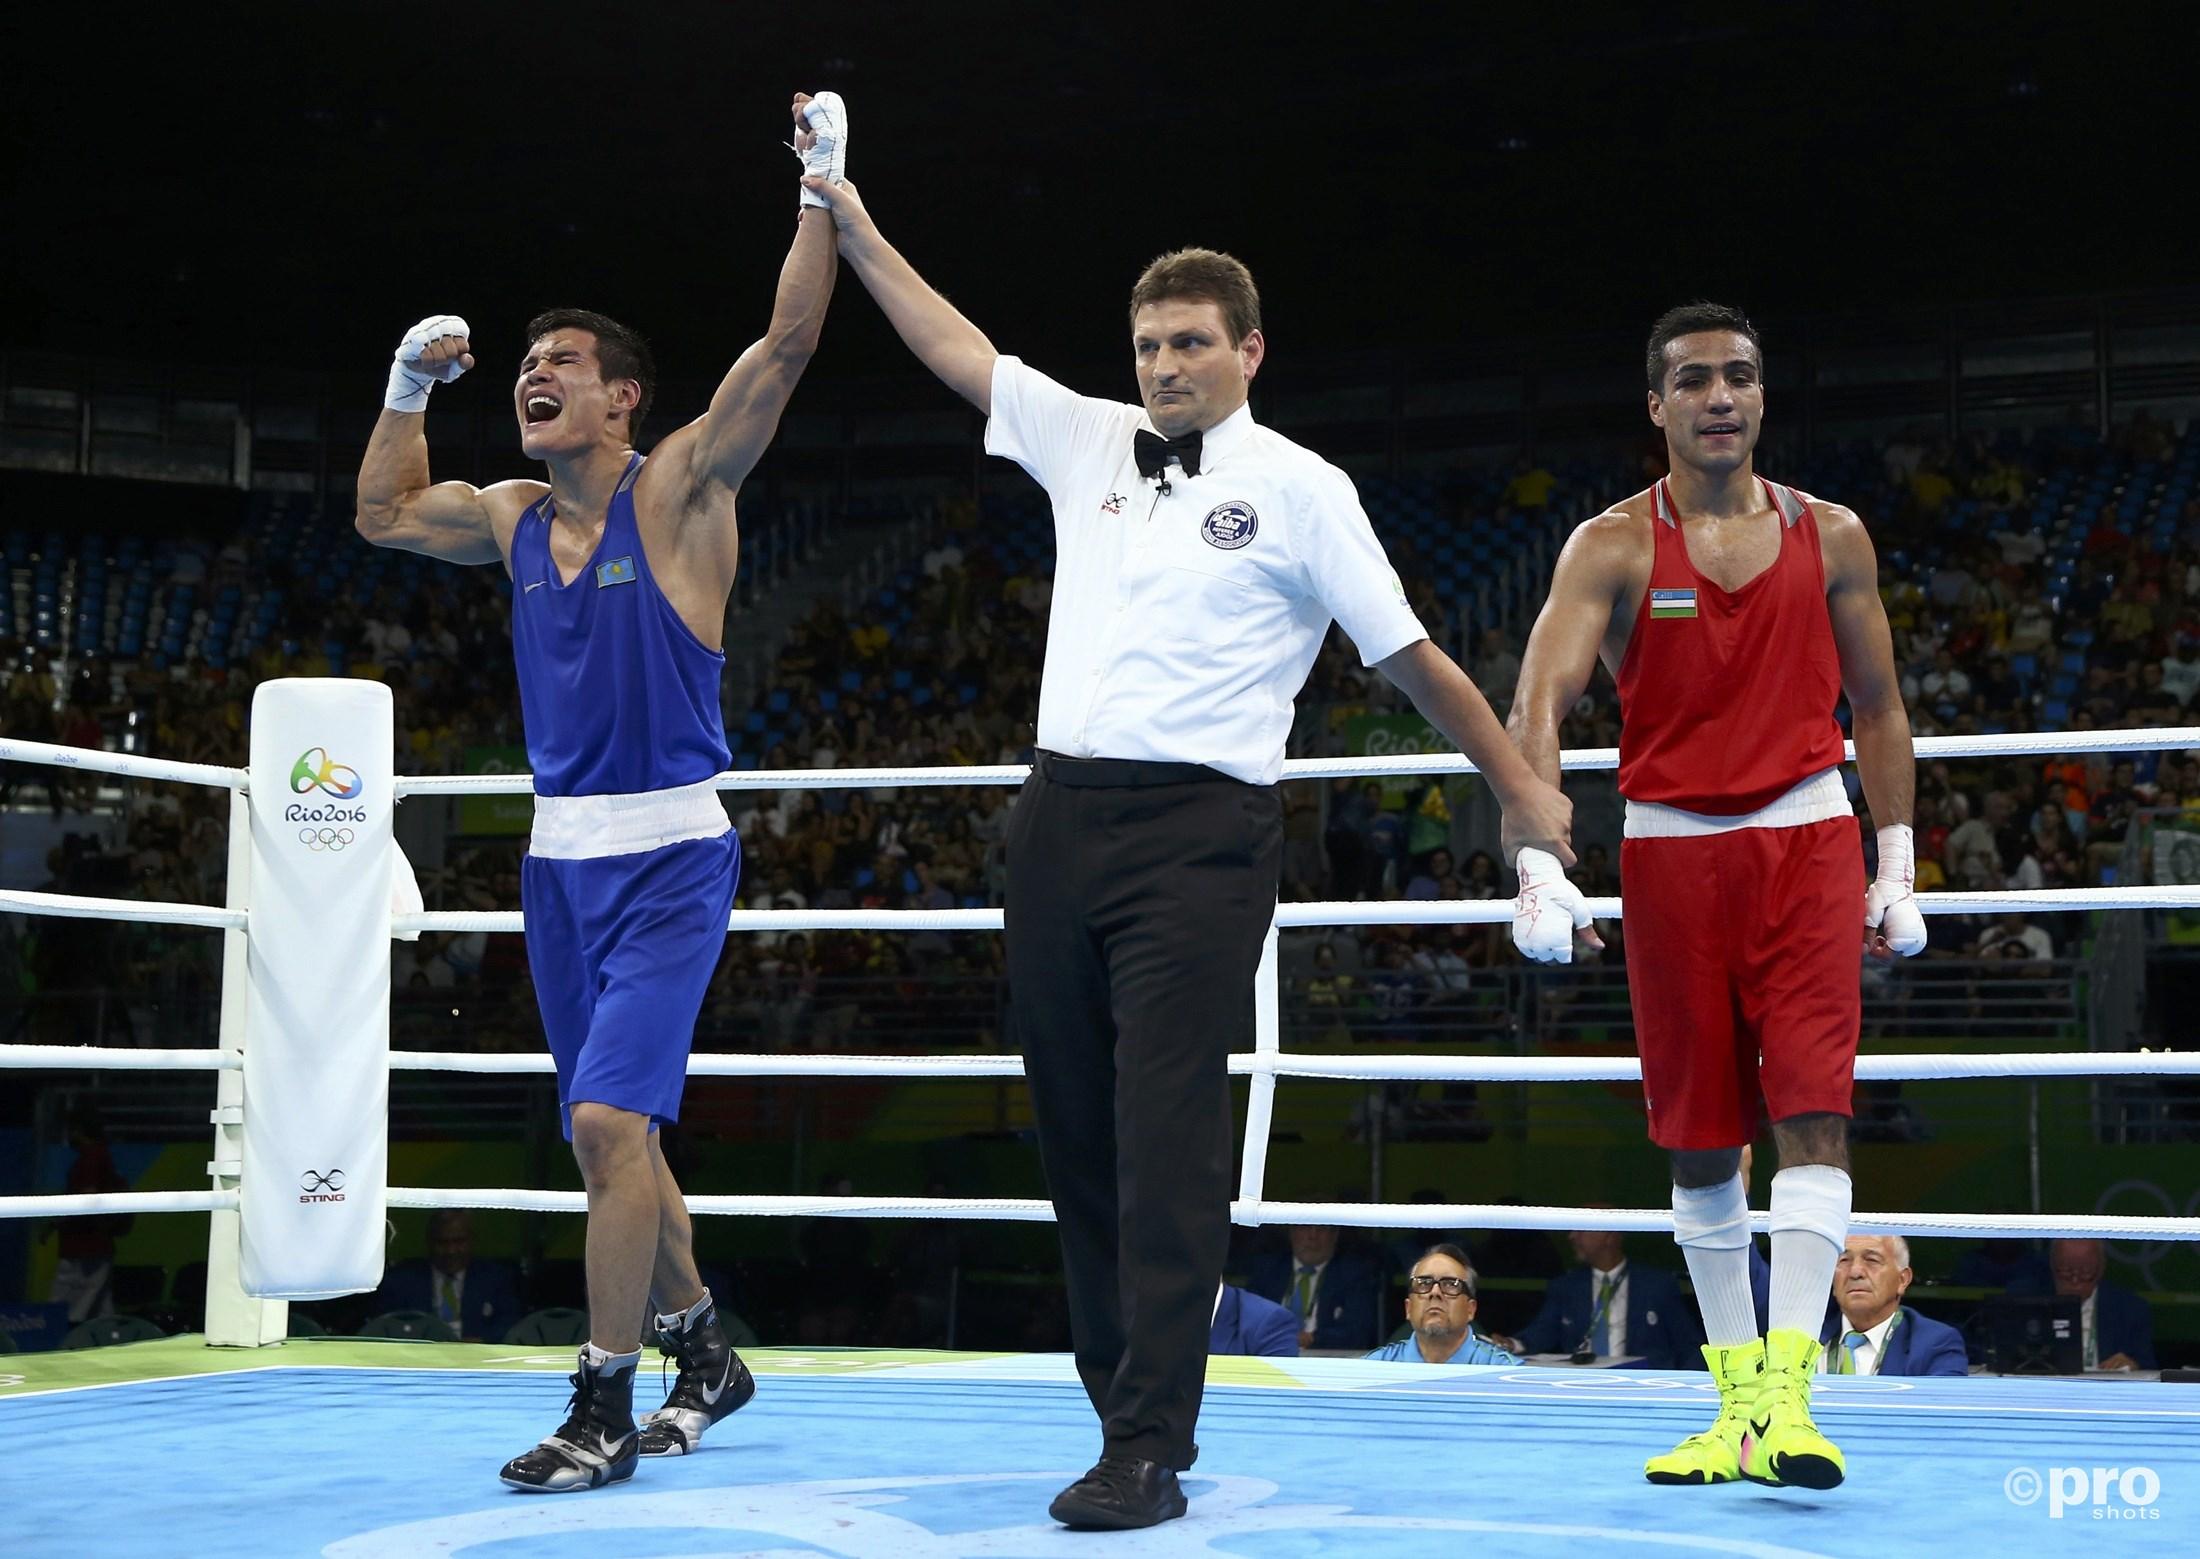 Yeleussinov wordt aangewezen als de nieuwe olympisch kampioen (PROSHOTS/Action Images)